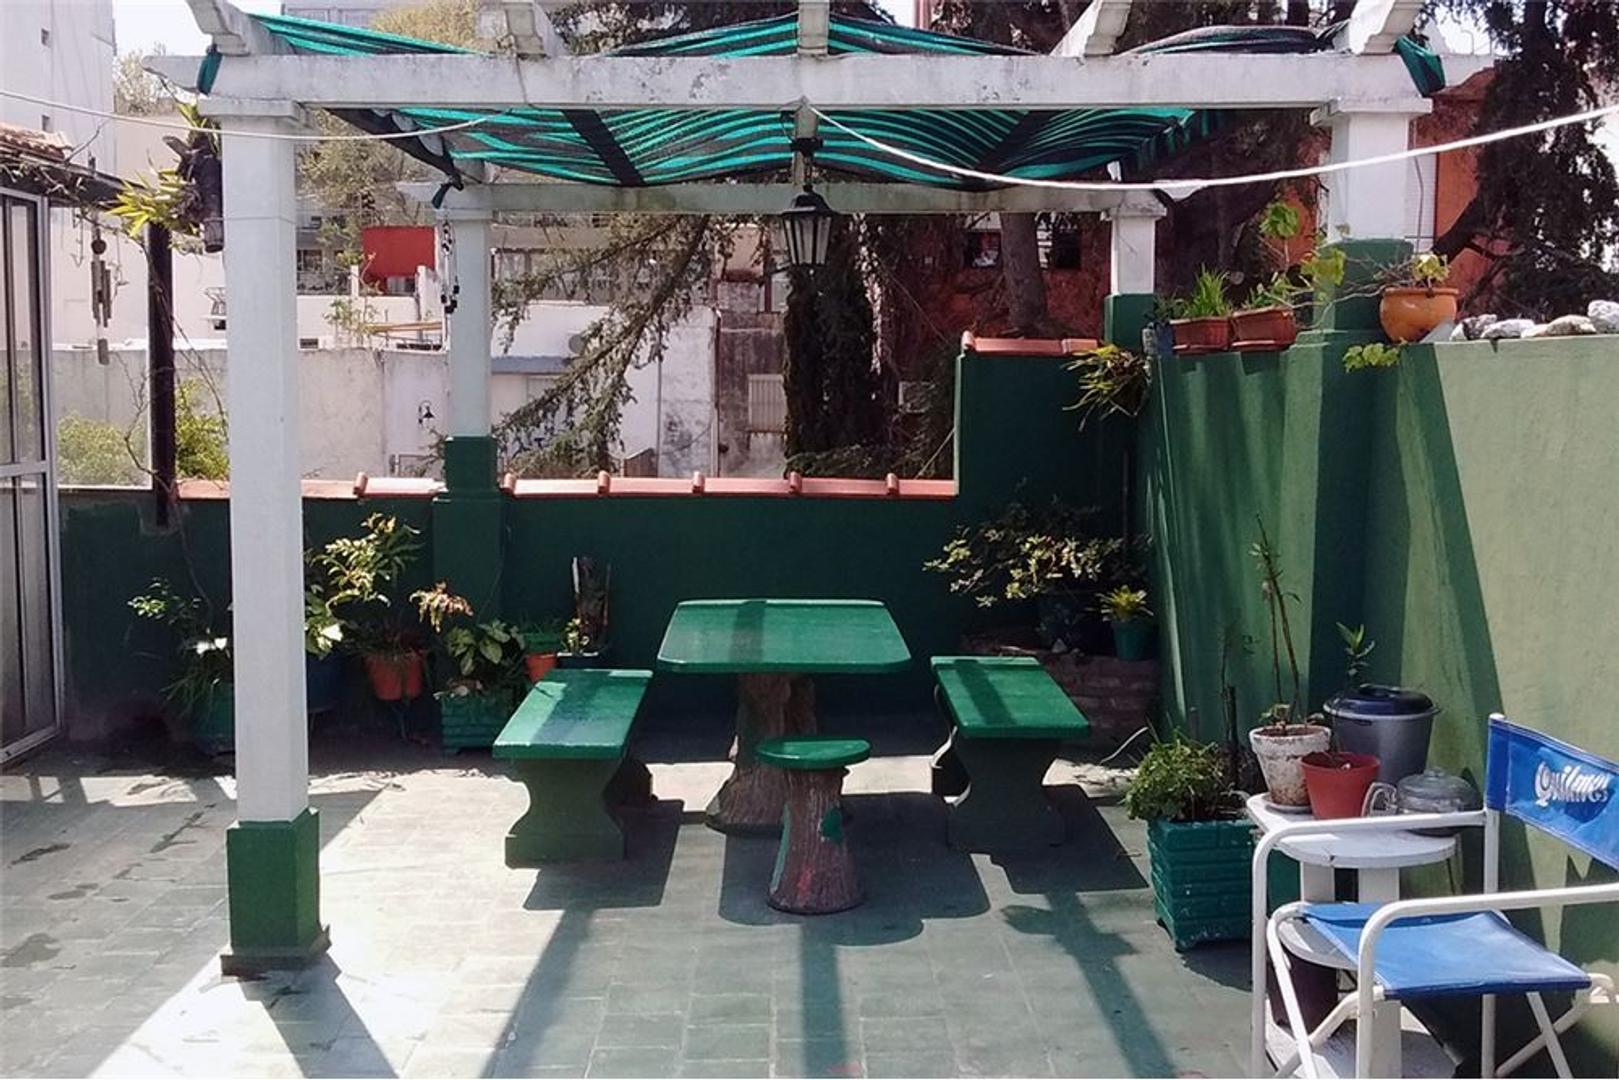 PH + Terraza c/quincho y parilla + patio uso común